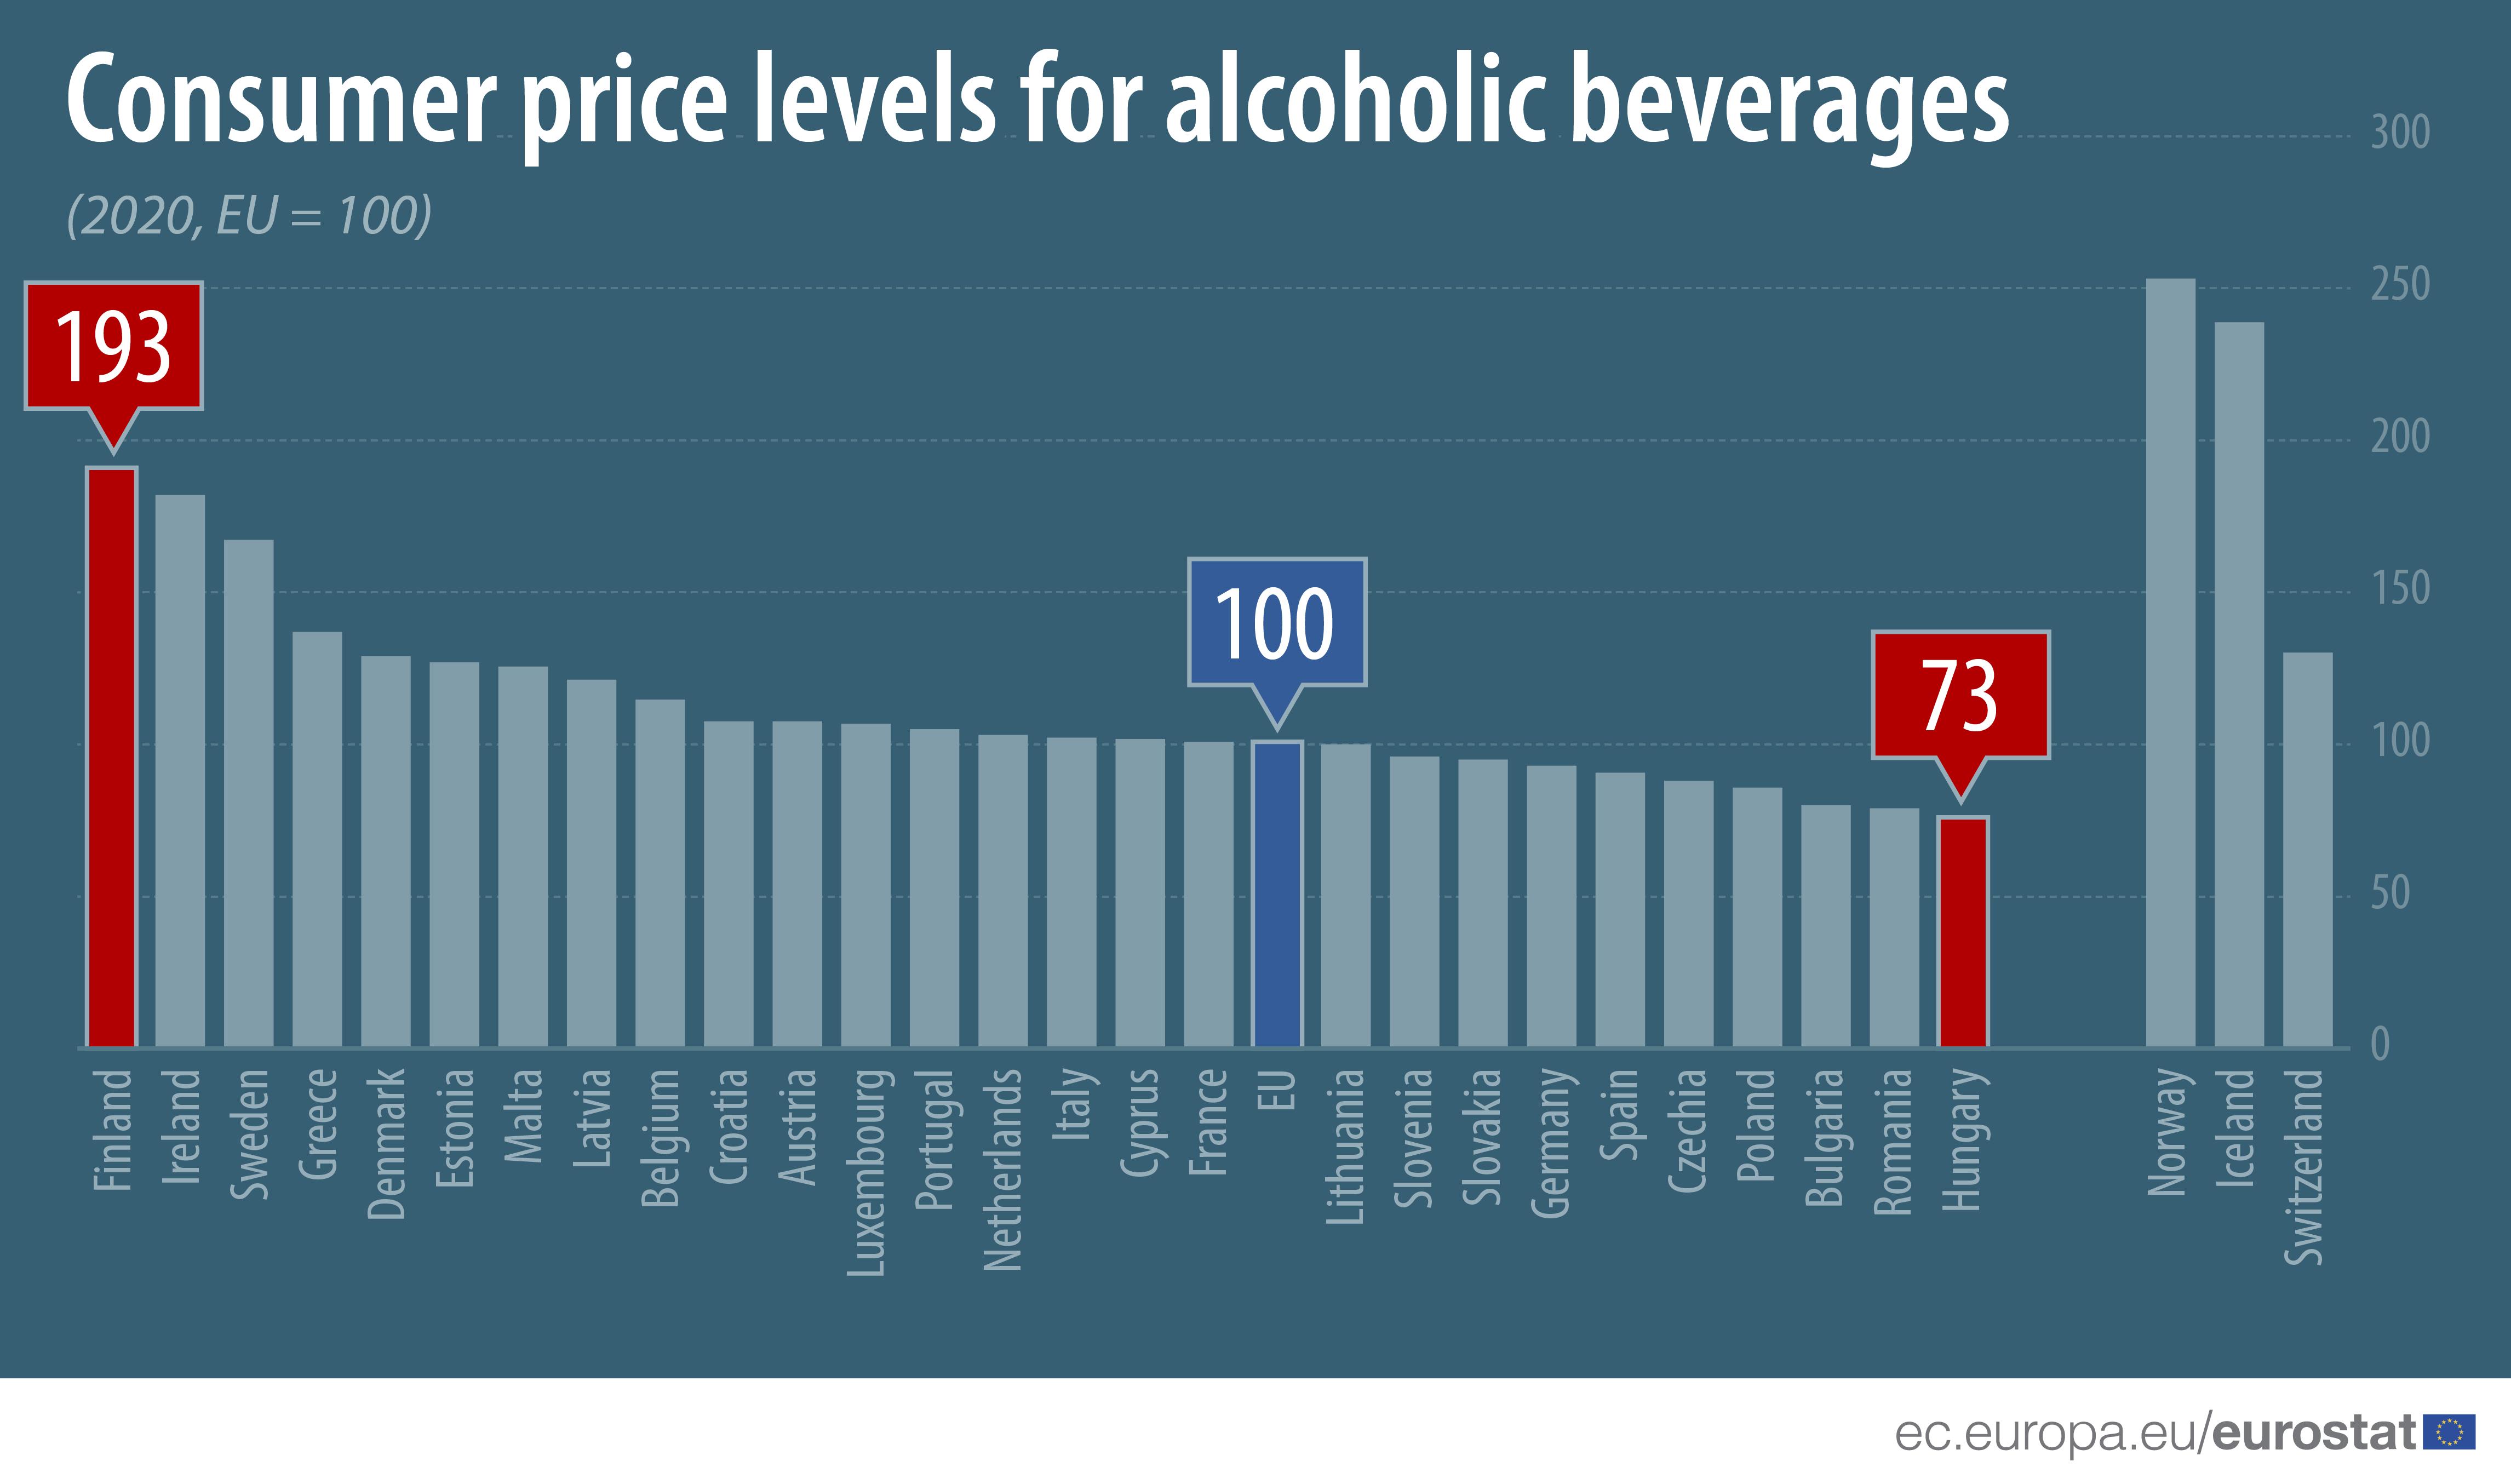 Bar chart: Consumer price levels for alcoholic beverages, EU=100, 2020 data, EU/EFTA countries